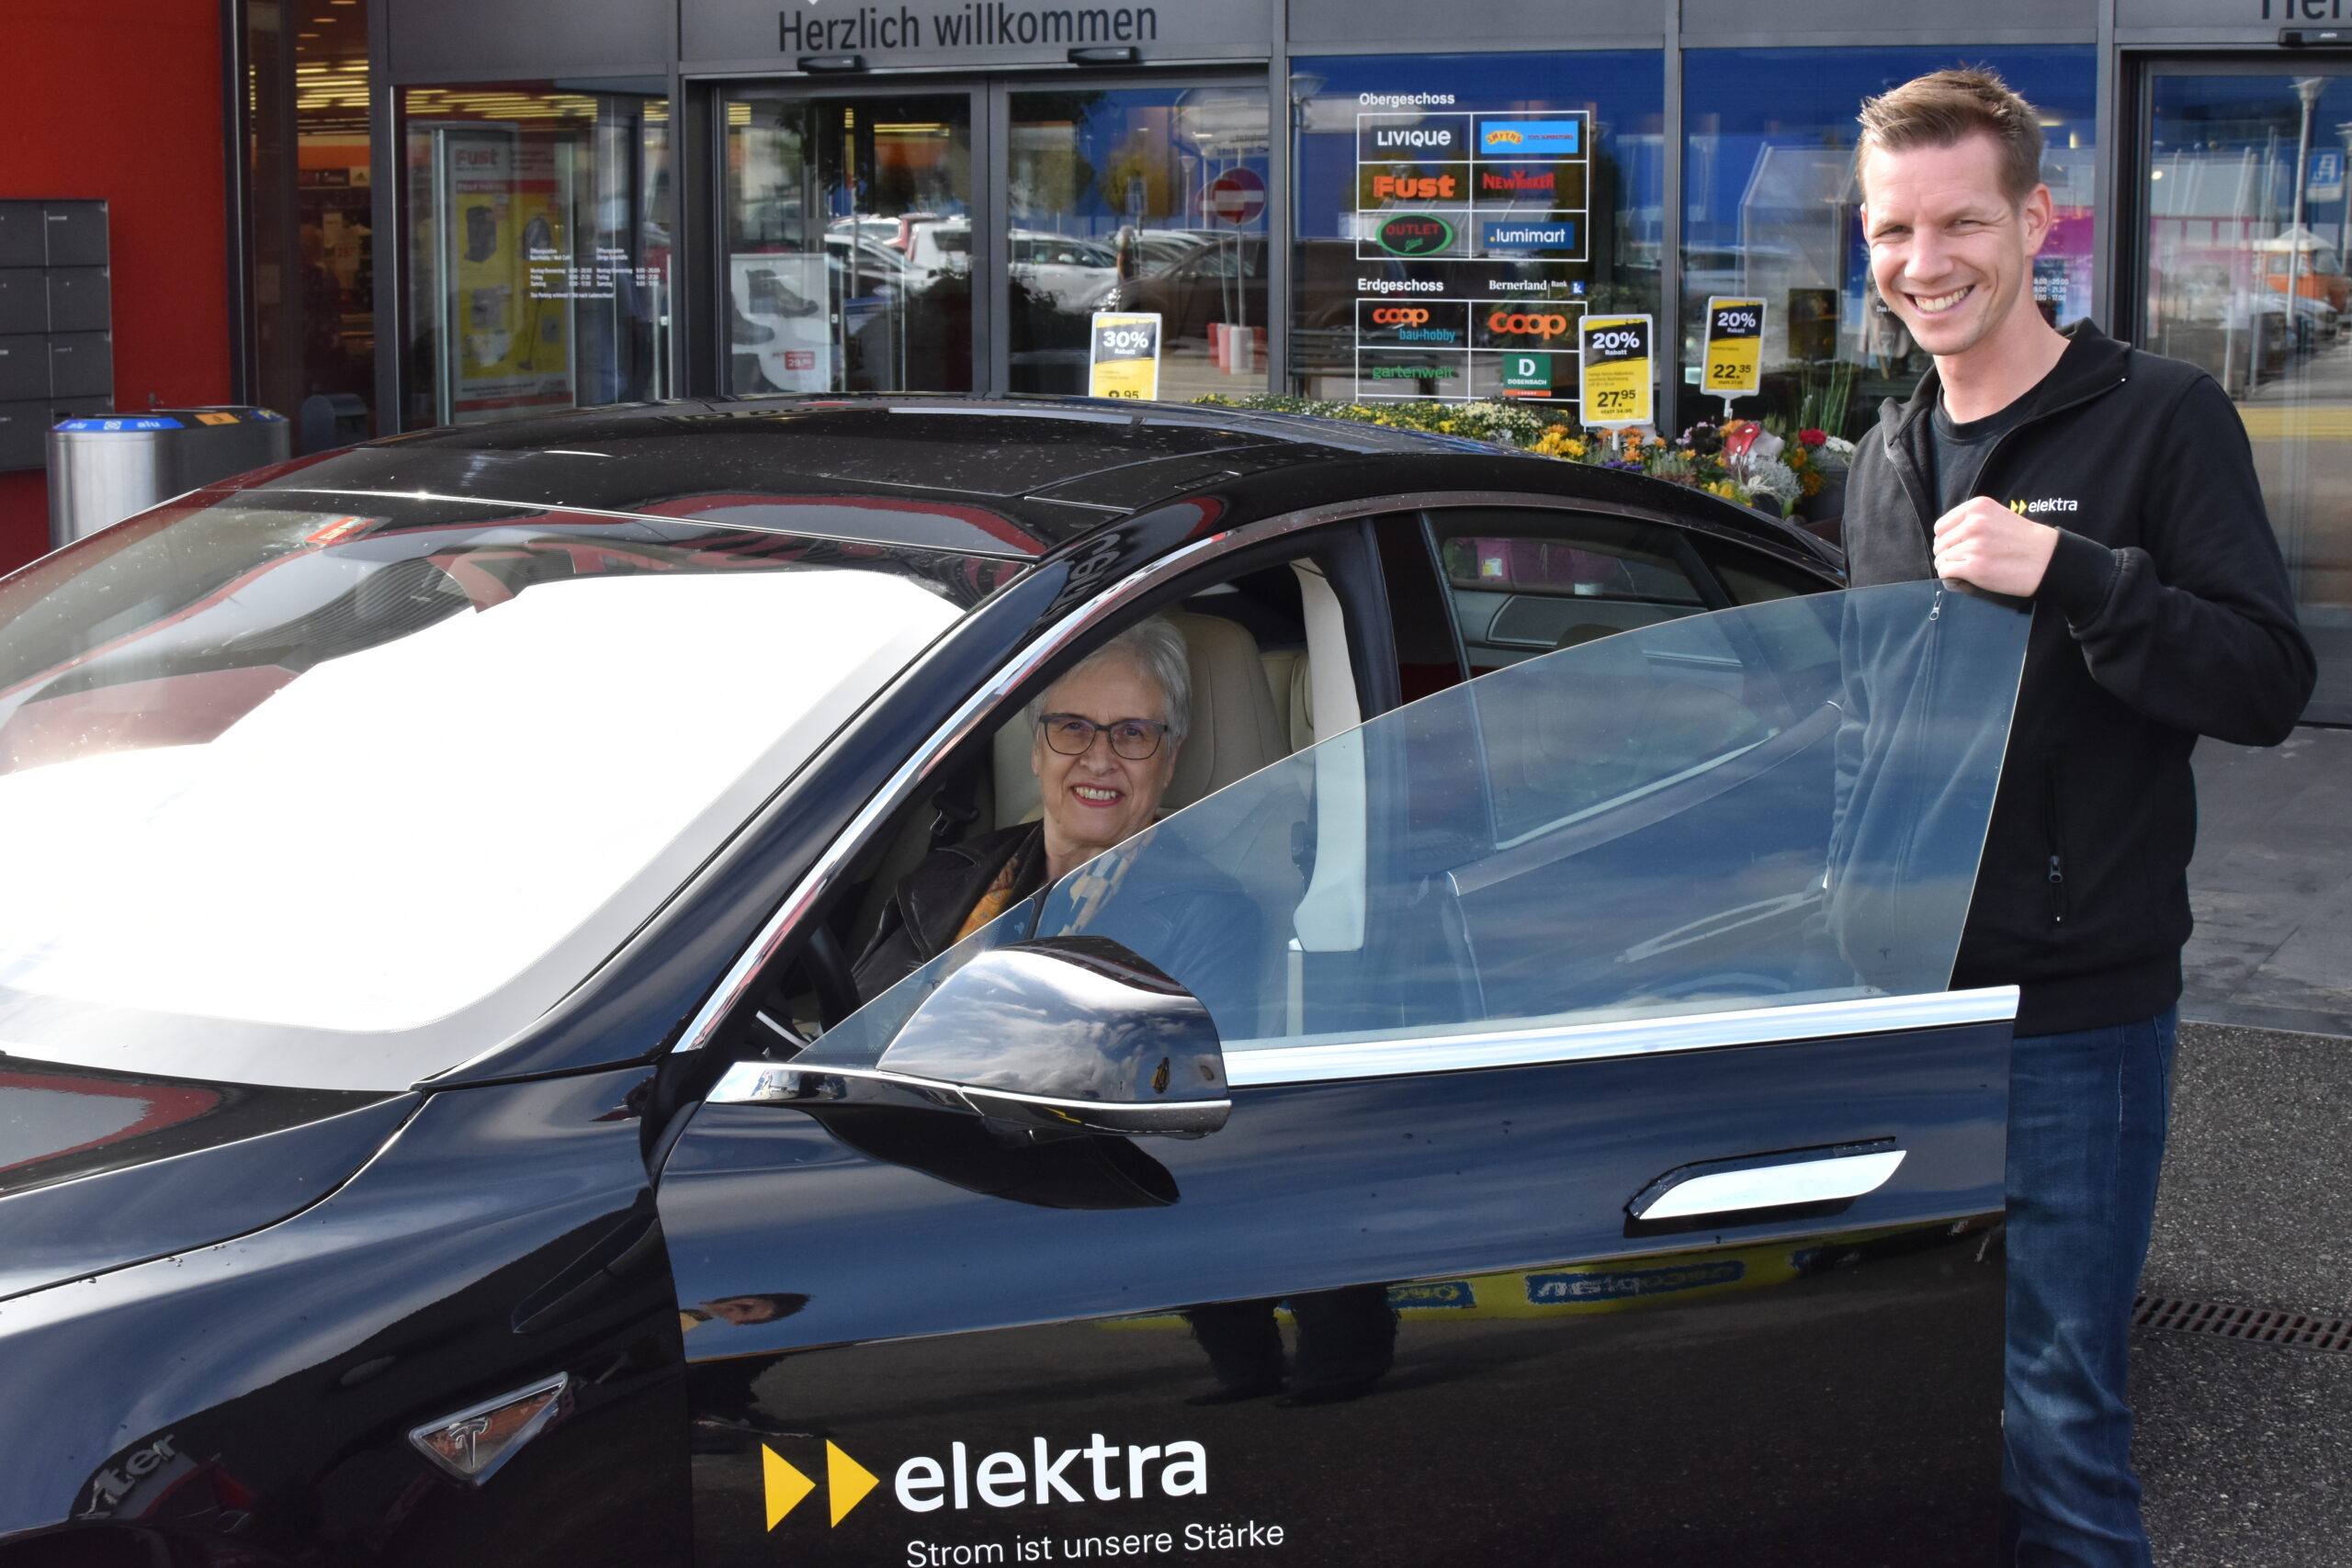 Die glückliche Gewinnerin der Mobility Week 2020 sitzt im Tesla und strahlt um die Wette mit dem Fachspezialisten für Energielösungen, Matthias Ostermeier.